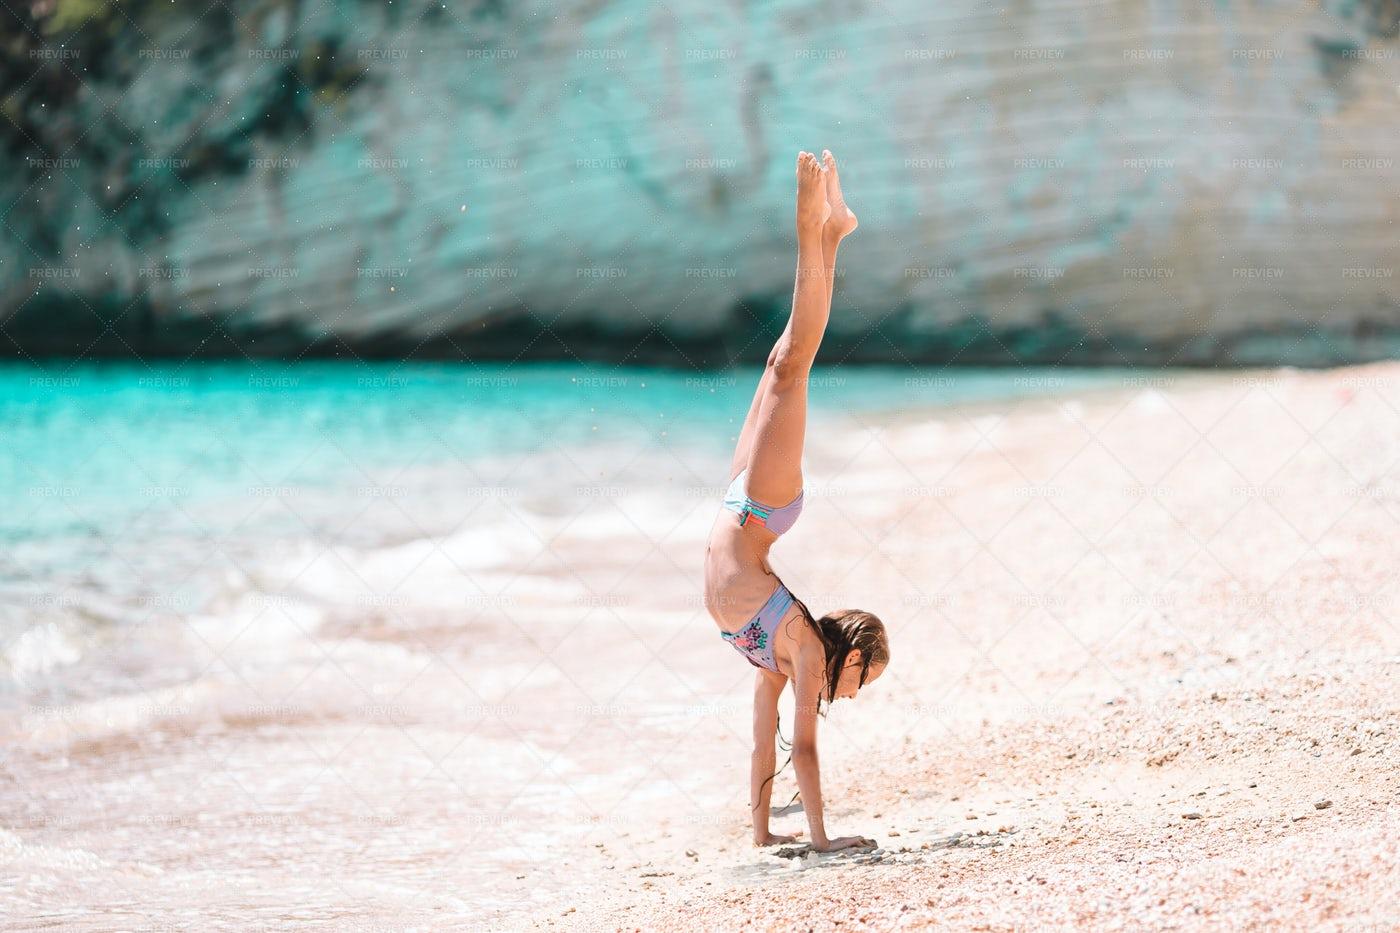 Active Girl At The Beach: Stock Photos